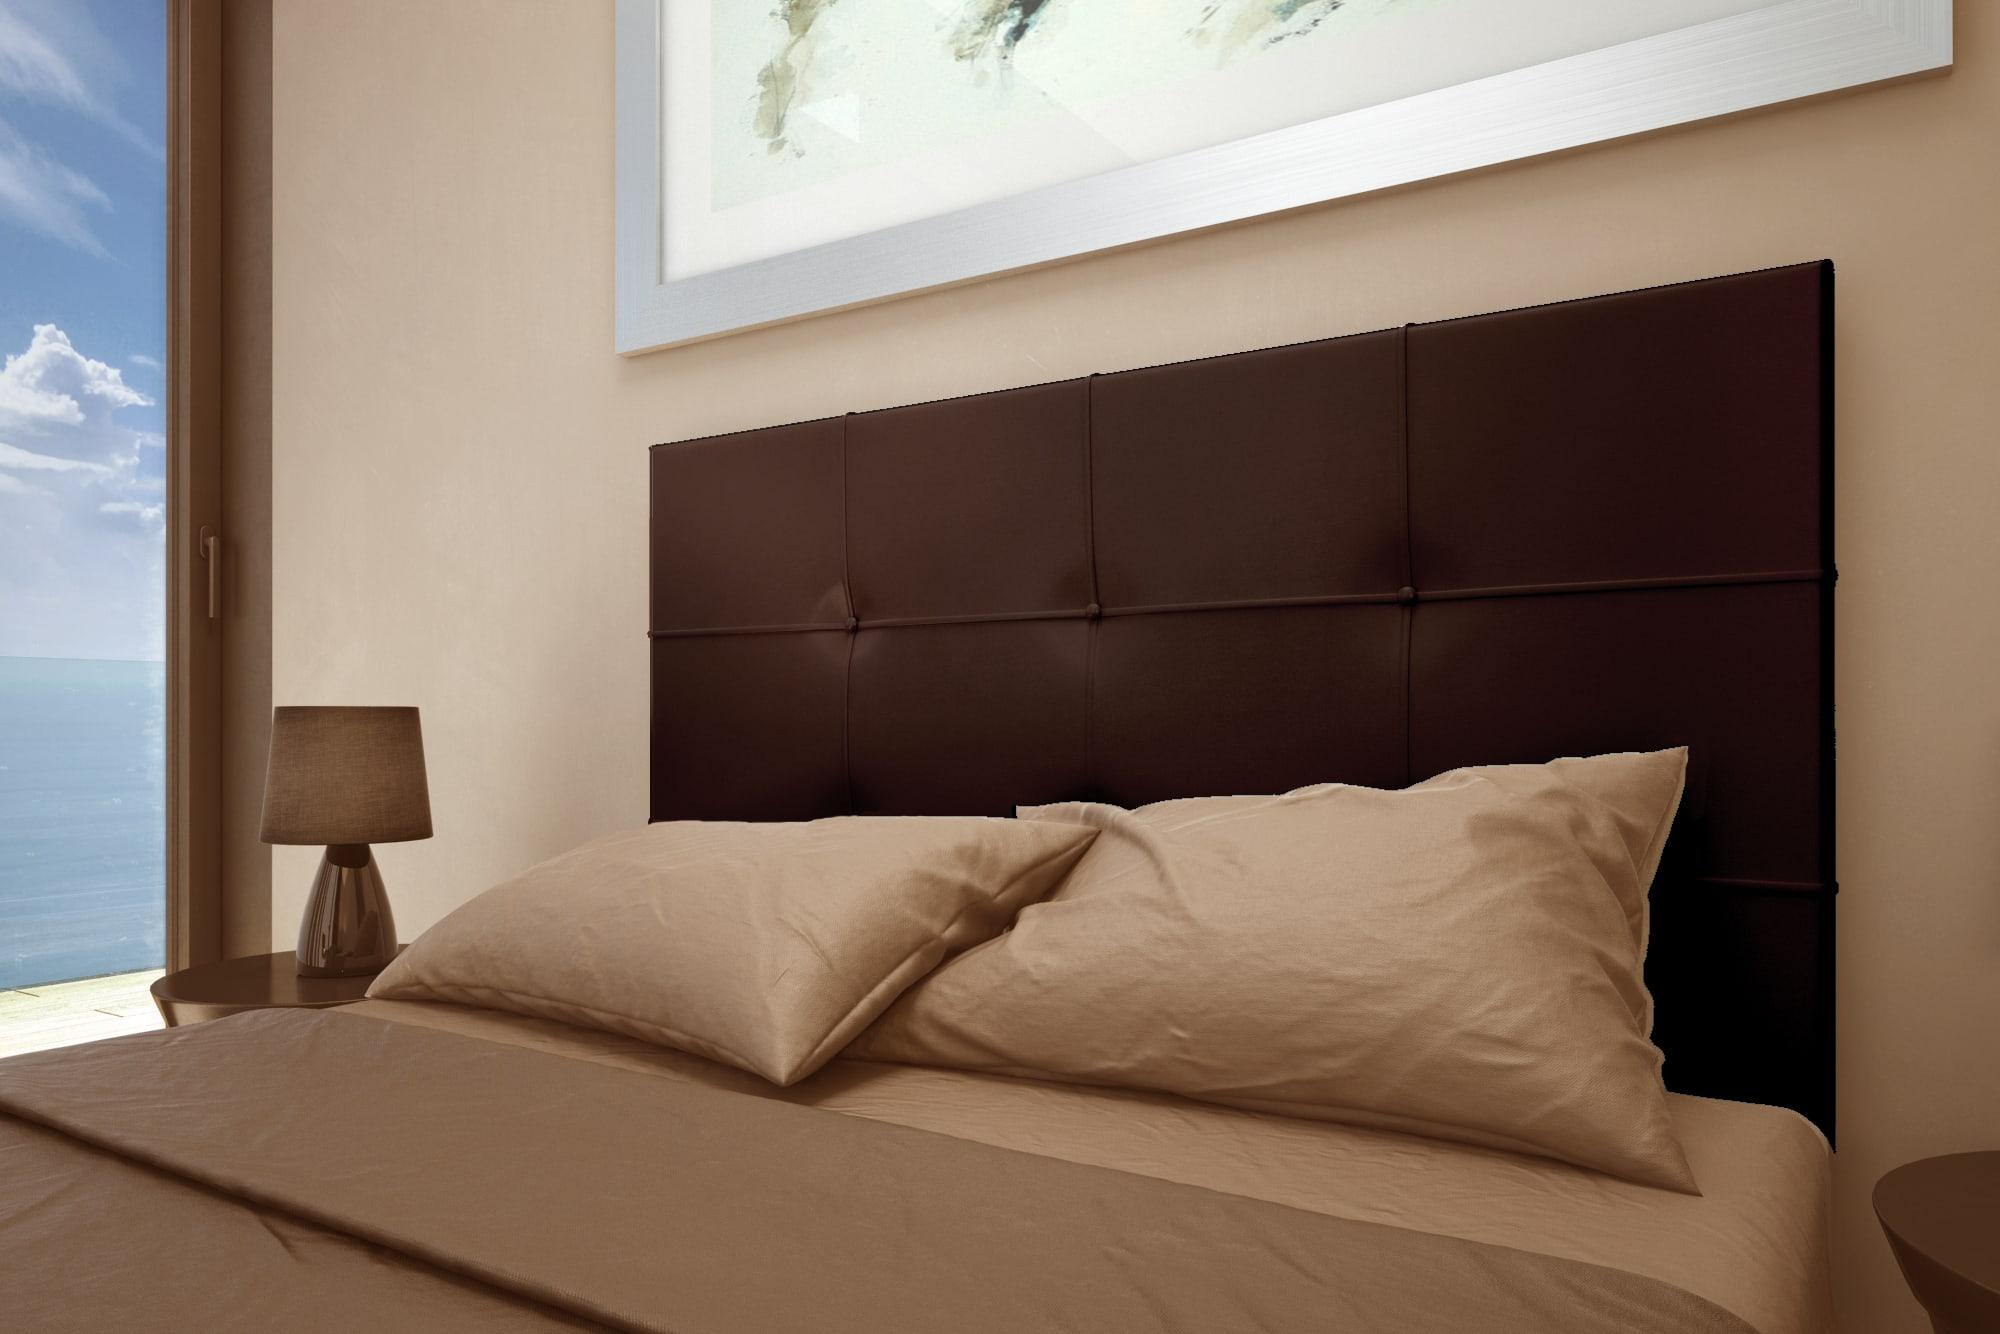 Cabecero de cama tapizado amazing cabecero de cama para - Cabecero de cama ...